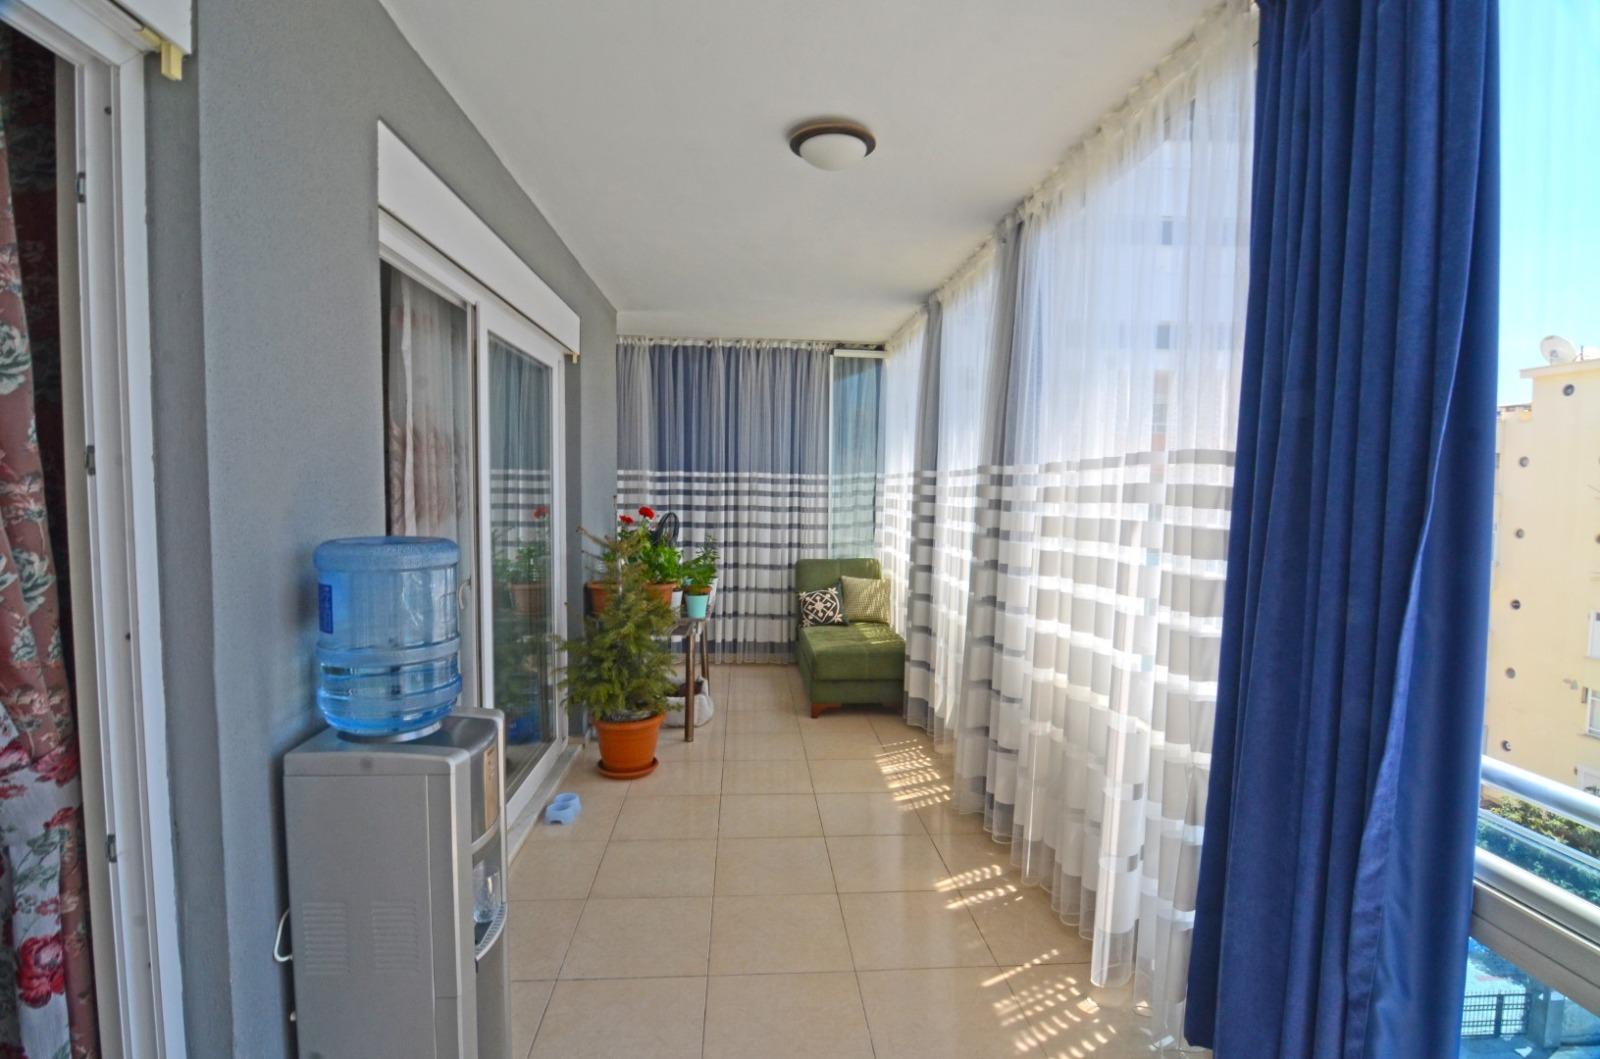 Меблированные апартаменты 1+1 в  Махмутлара - Фото 16